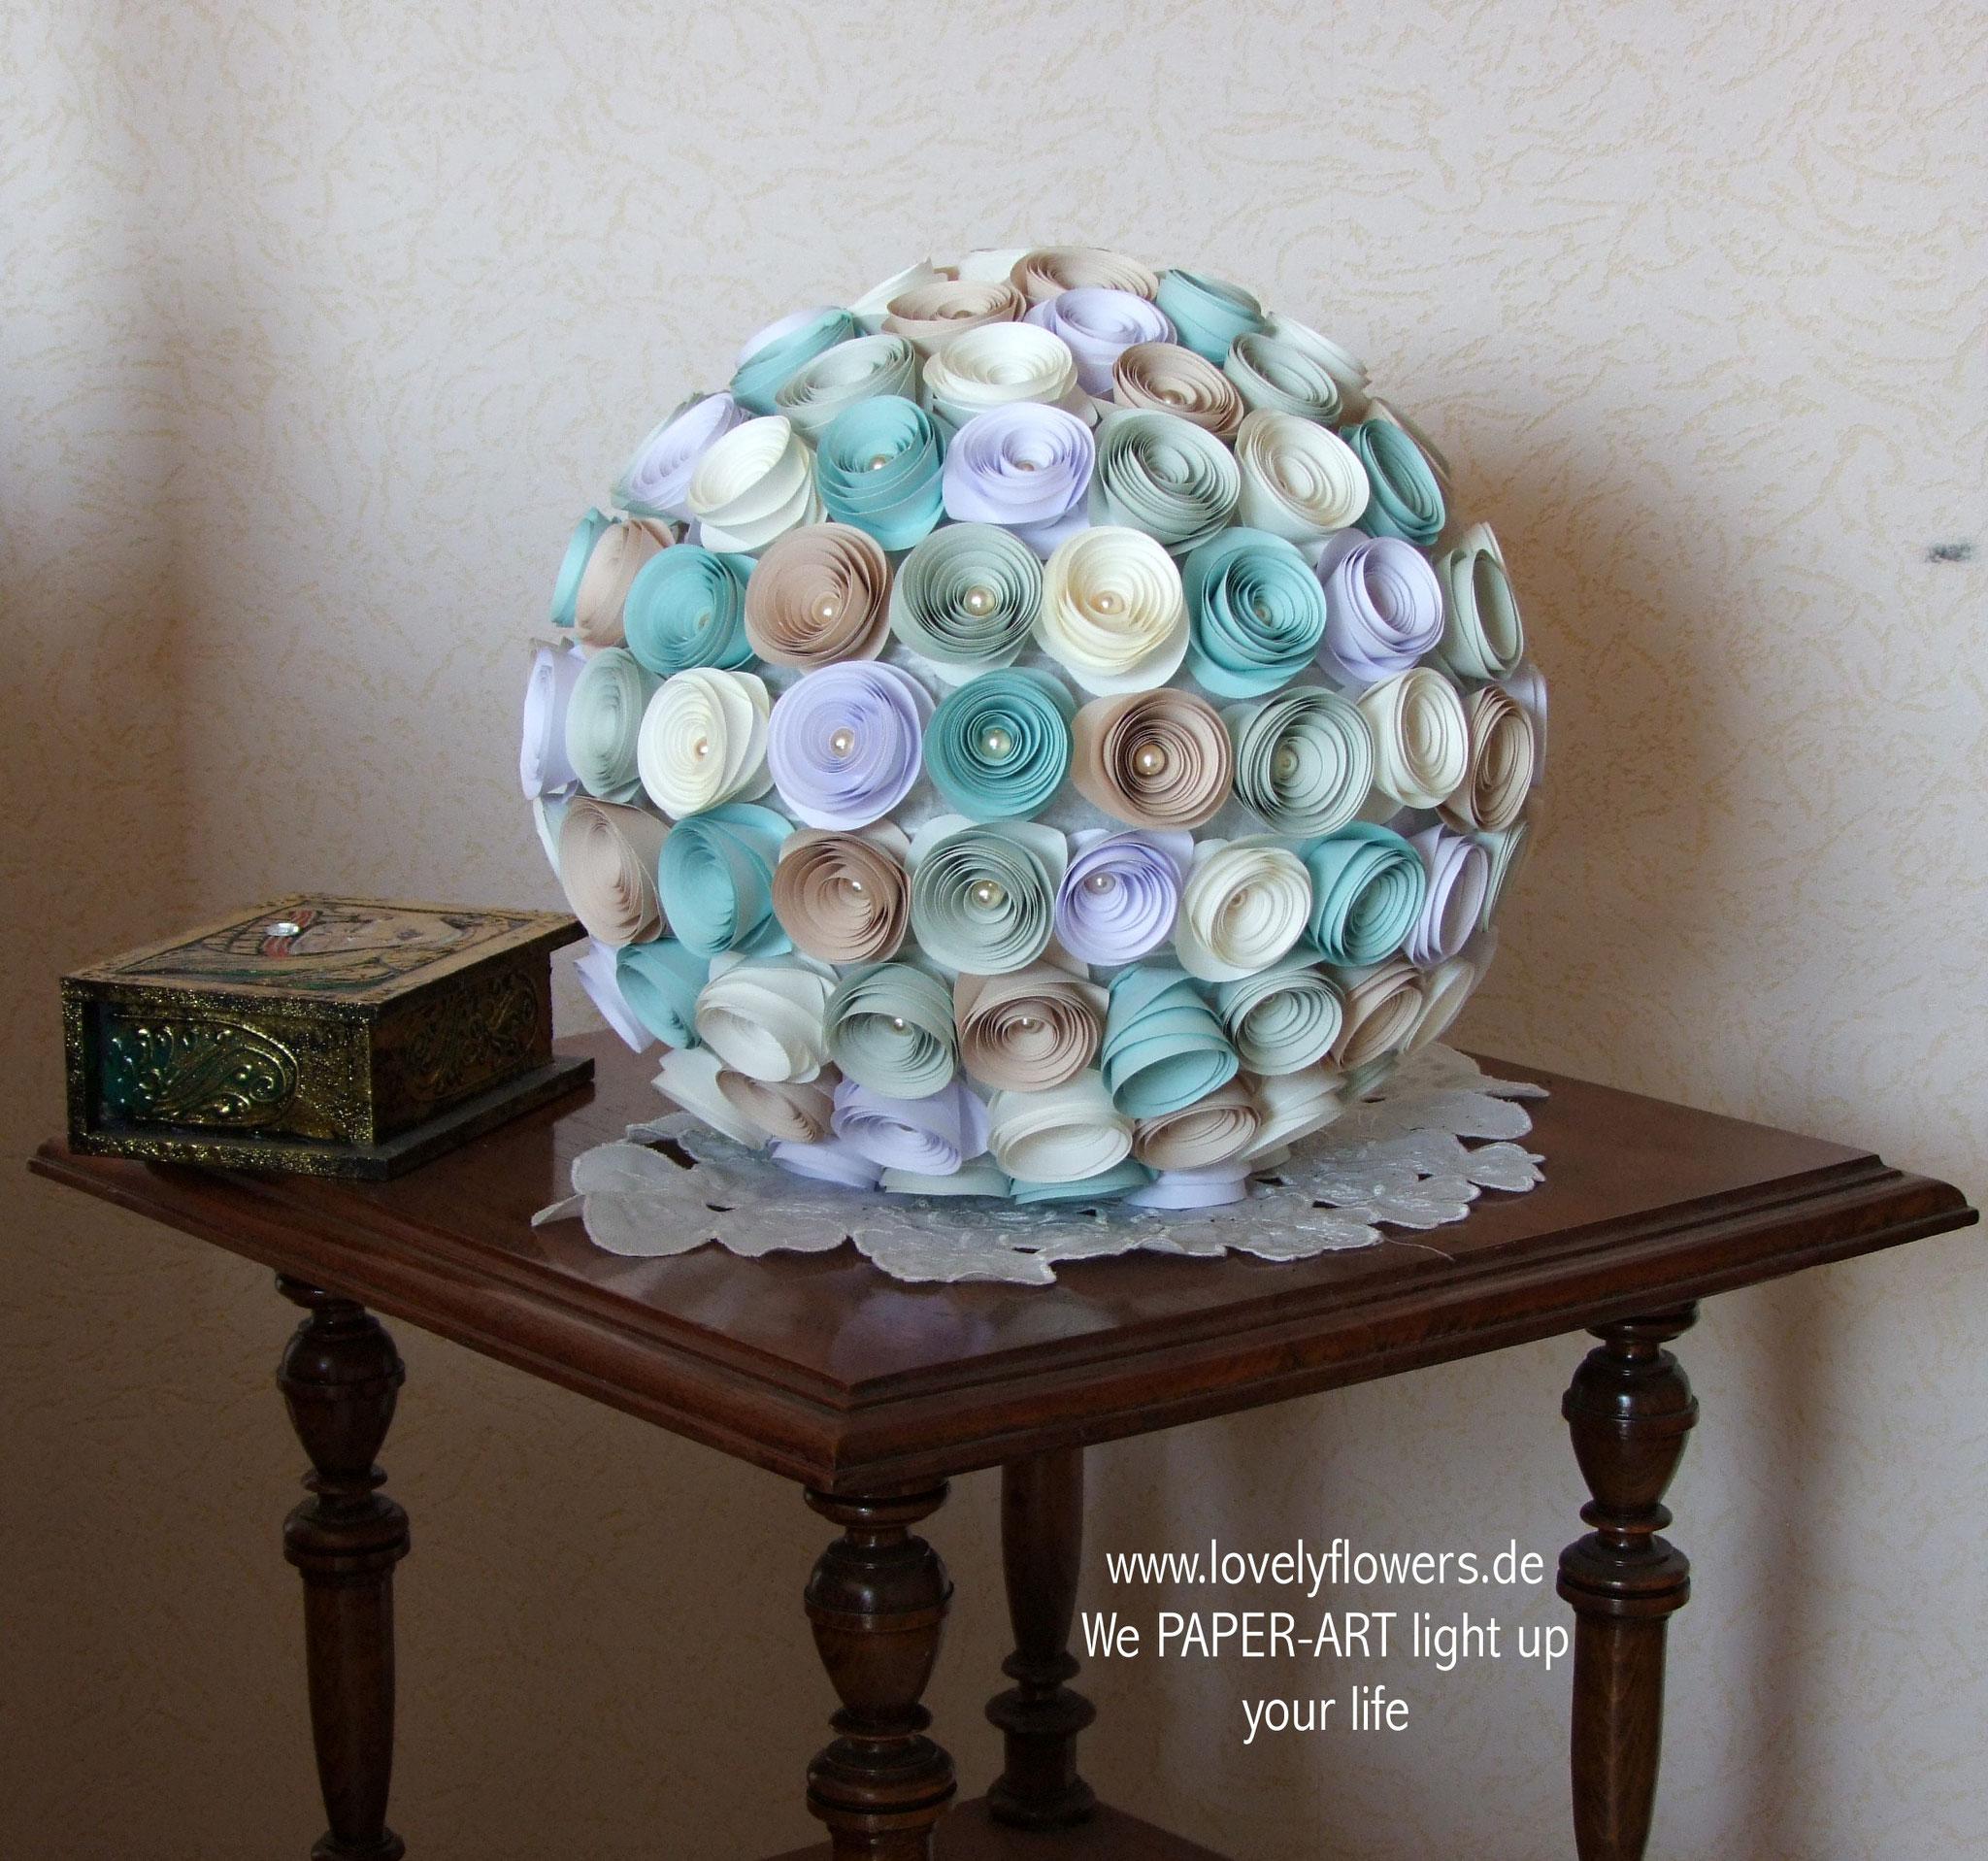 www.lovelyflowers.de - Paper Art Lampen passen in jede Ecke!